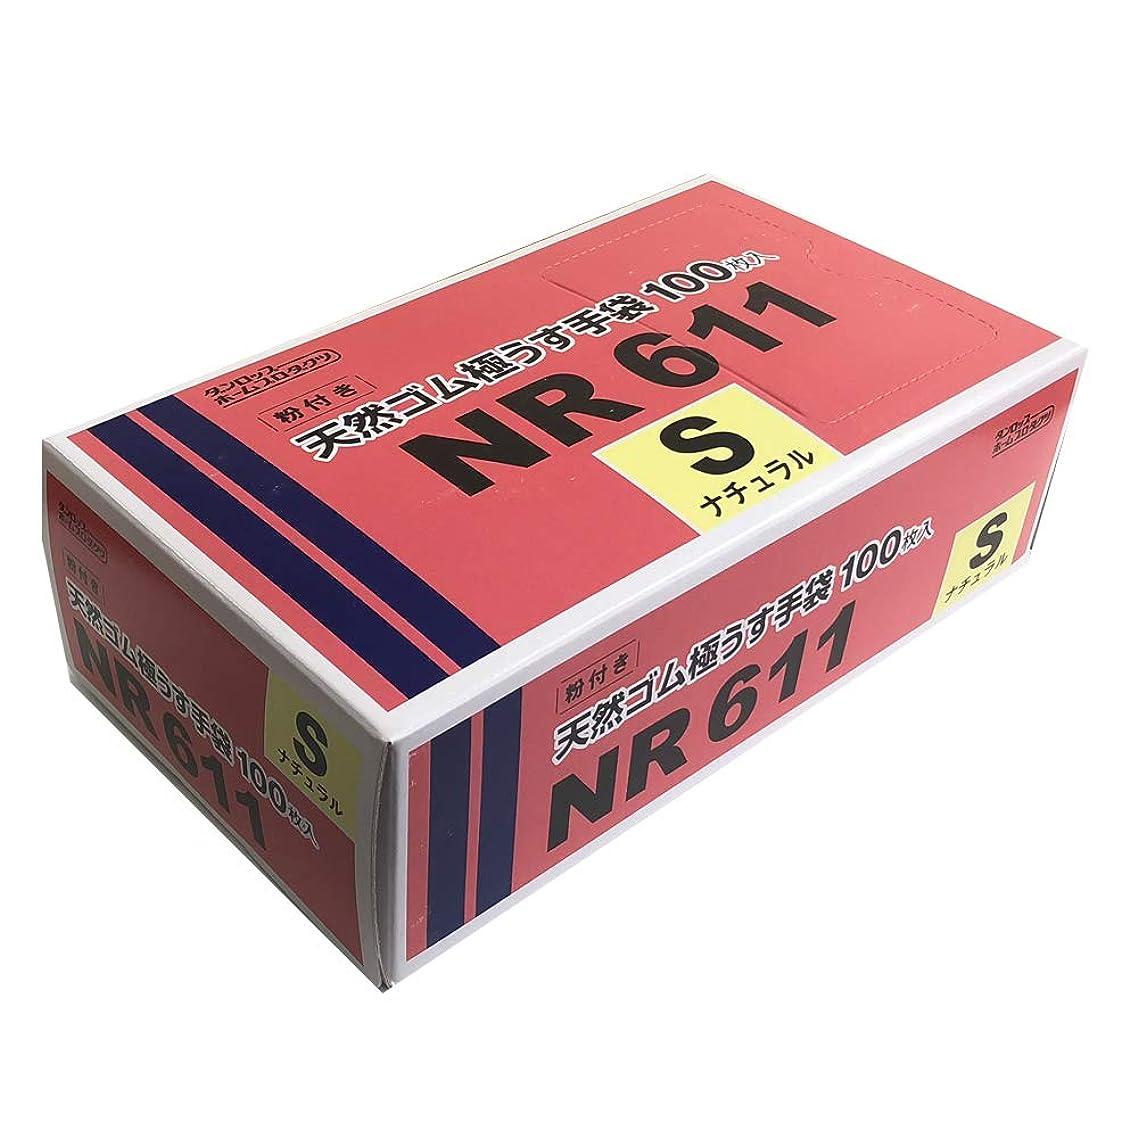 モーション破滅的な祈るDP NR611 粉付天然ゴム極薄手袋S-N